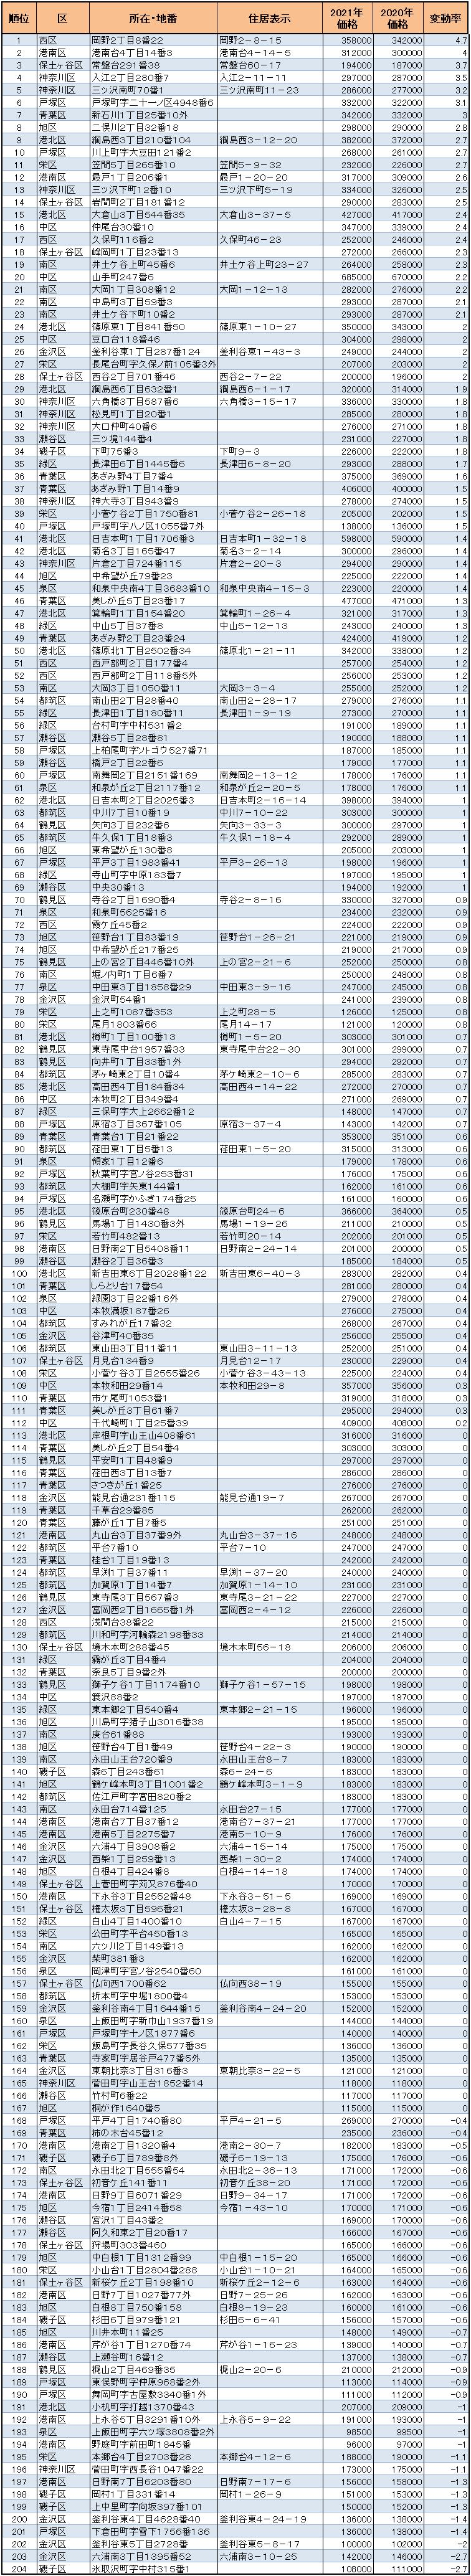 横浜市の【住宅地】地価変動率ランキング 順位表